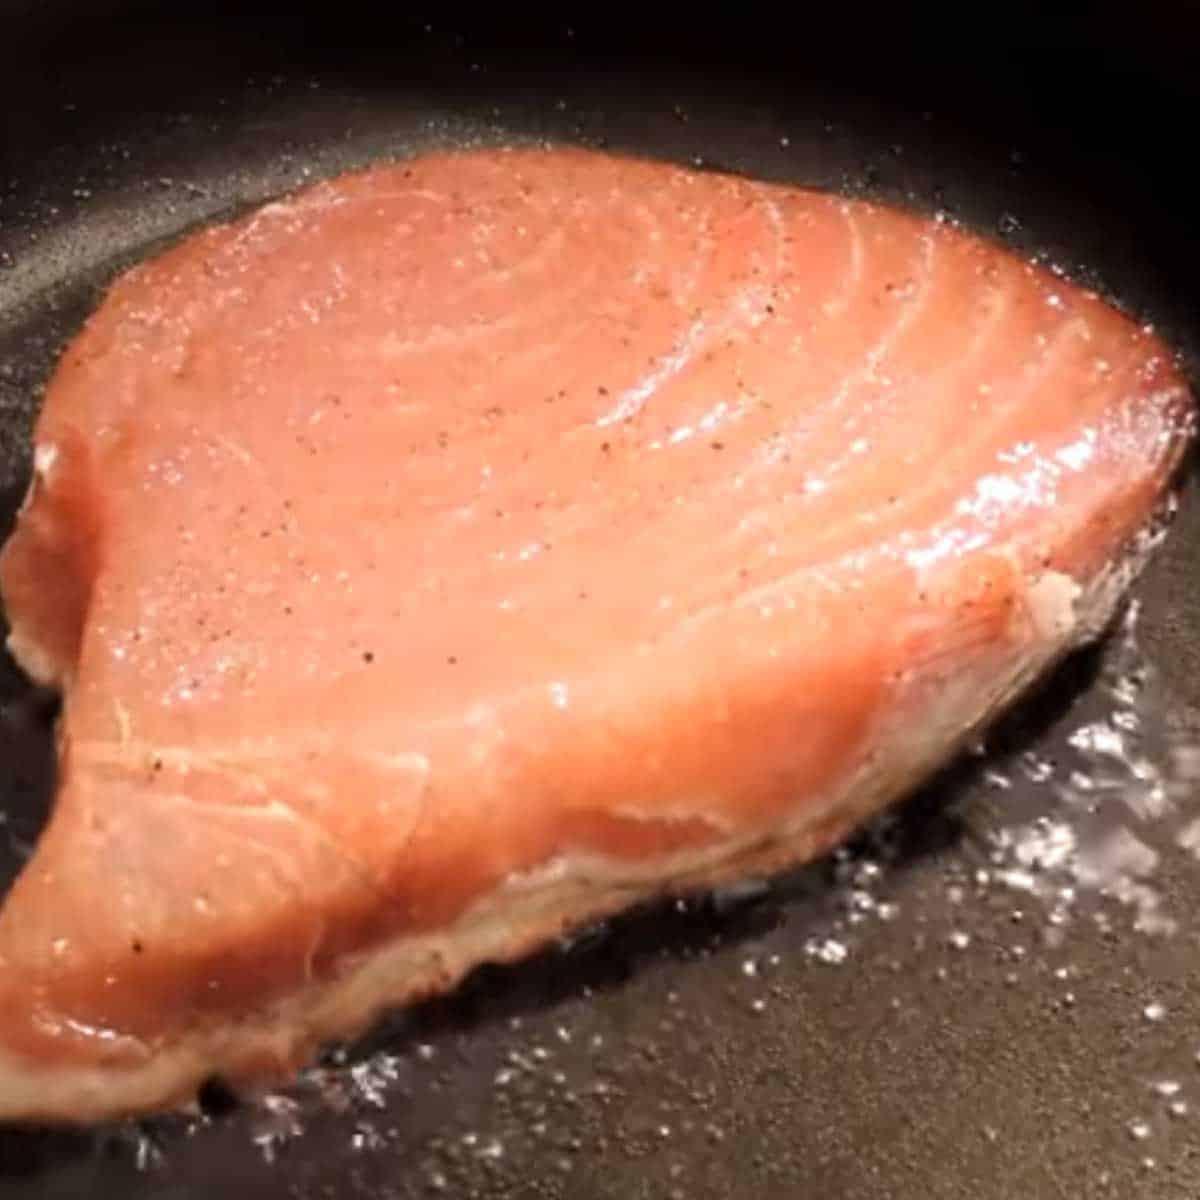 preparando-atum-selado-na-frigideira Atum Selado